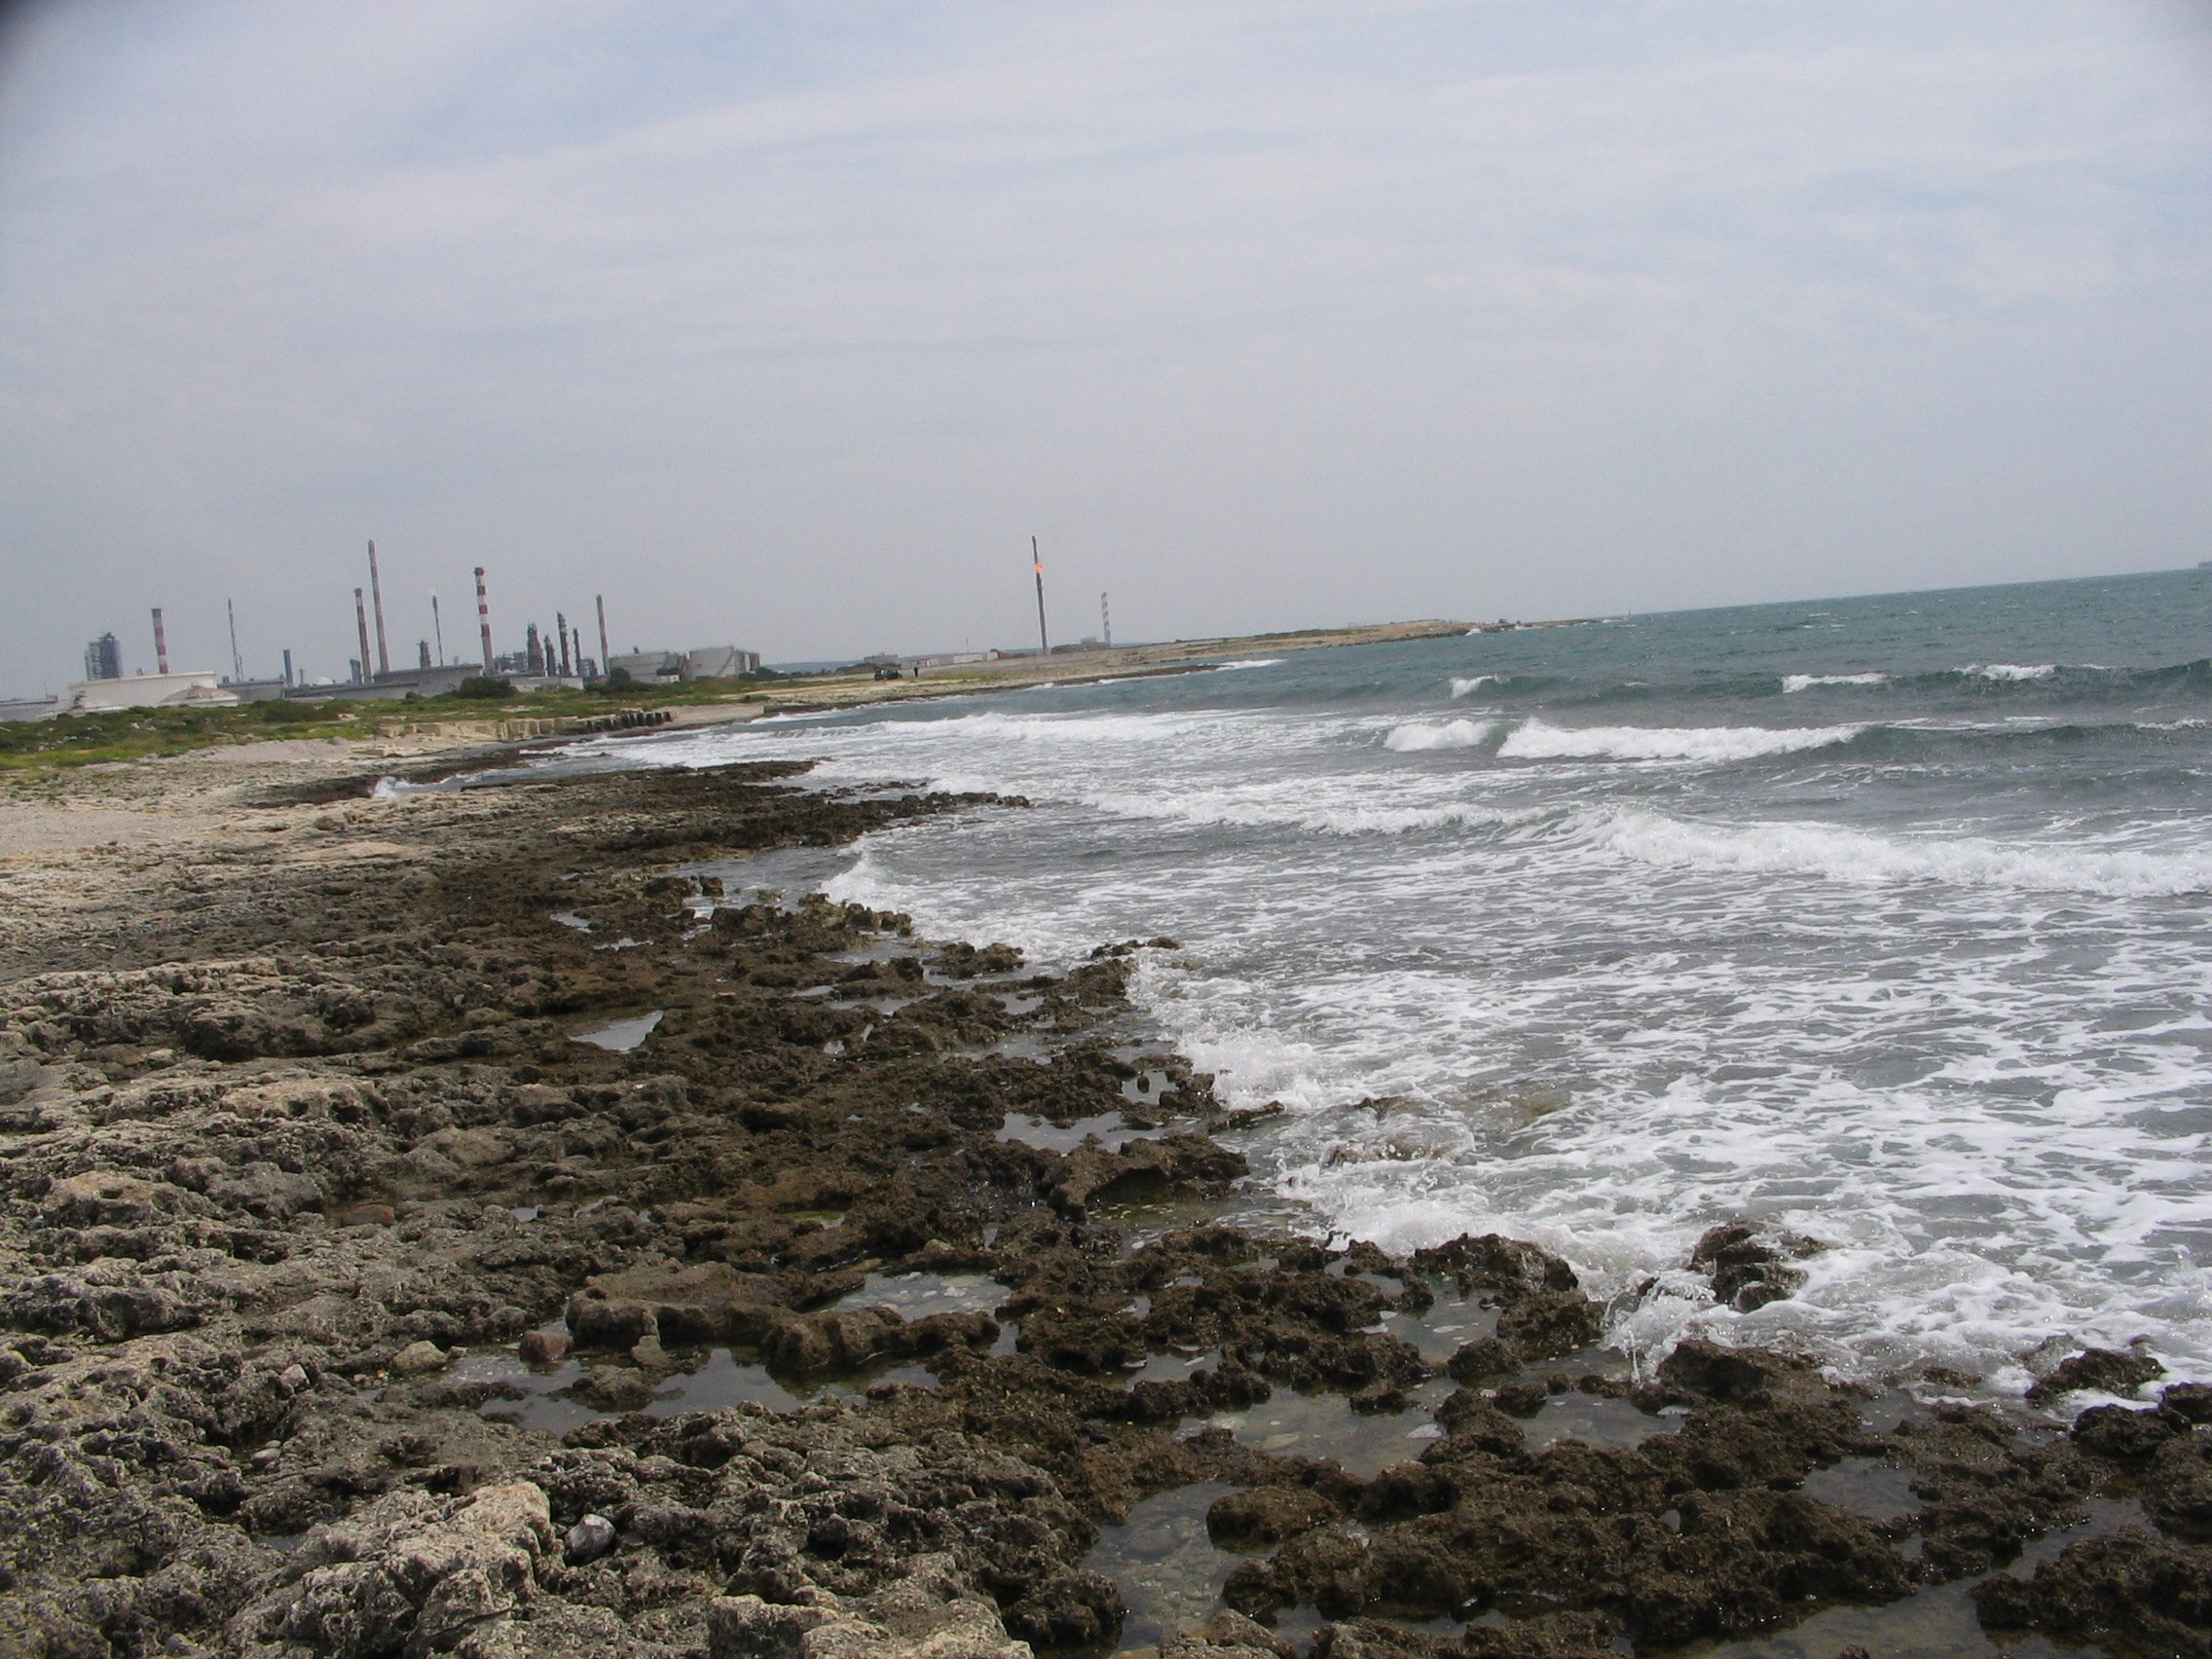 Côte rocheuse à Lavéra derrière le fort de Port-de-Bouc